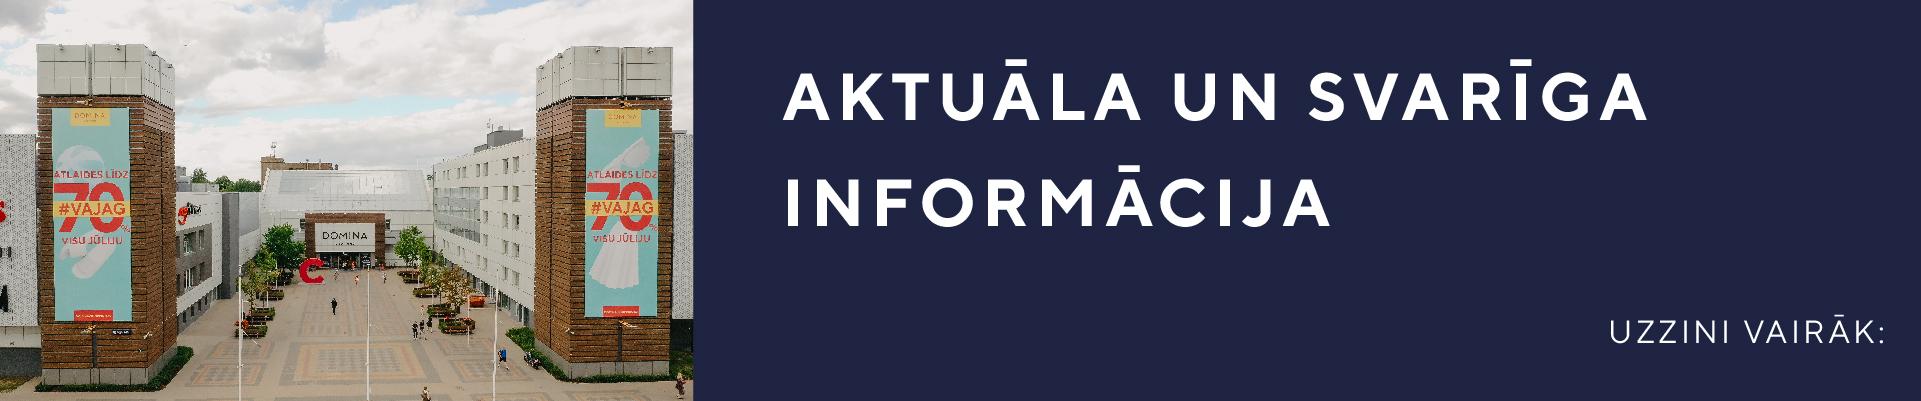 Aktuāla informācija